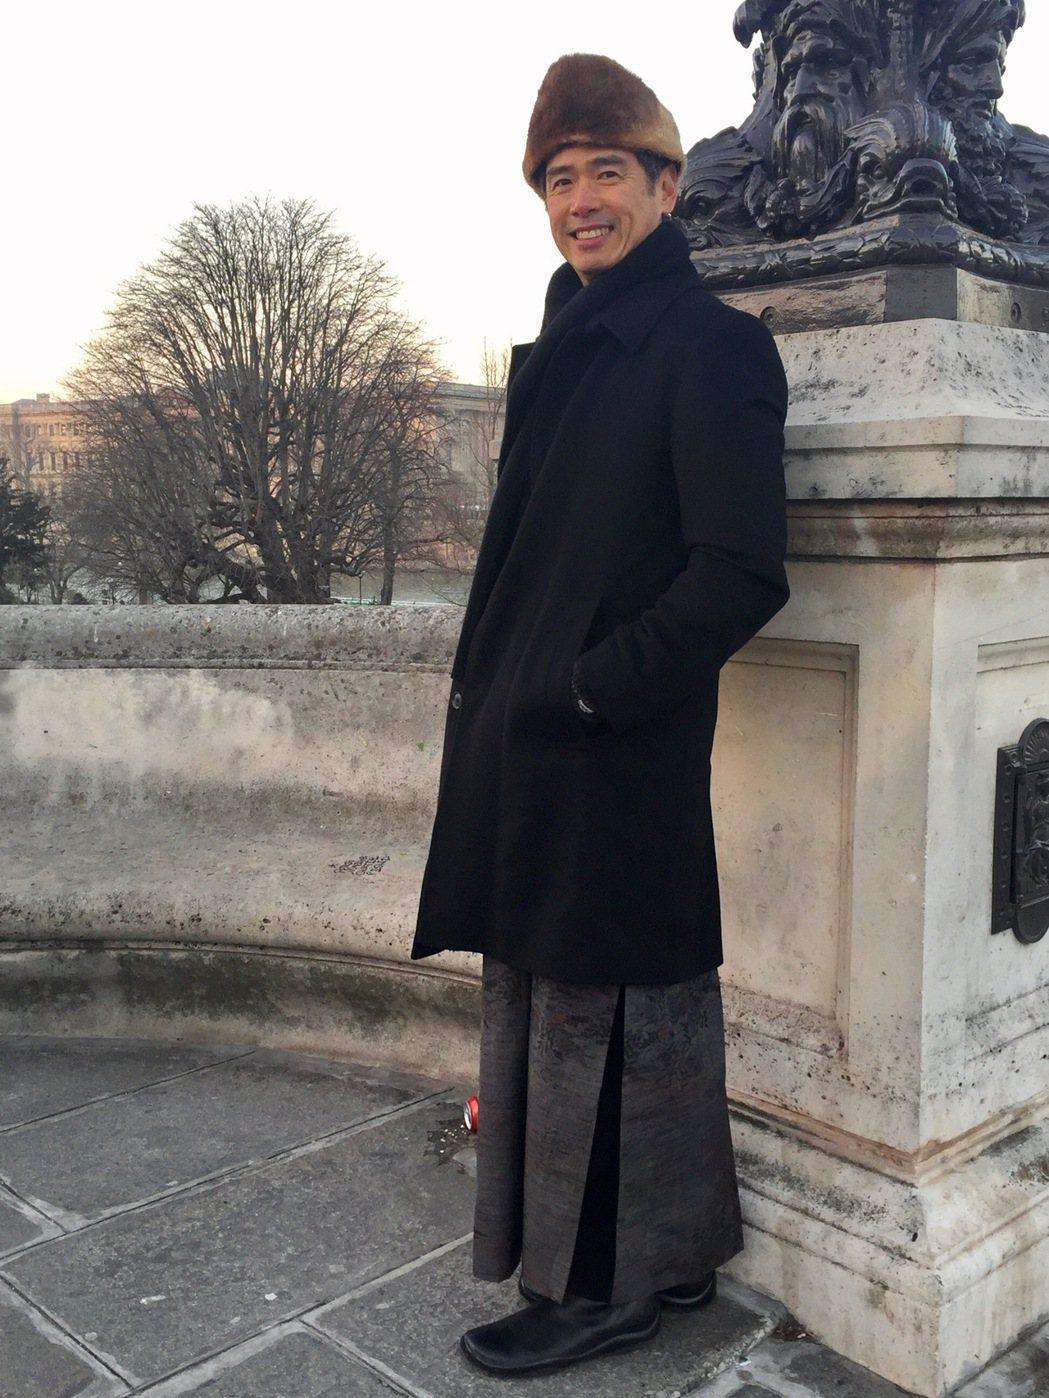 李明維在紐約、巴黎長居多年,生活型態始終簡單樸實。圖/李工作室 提供